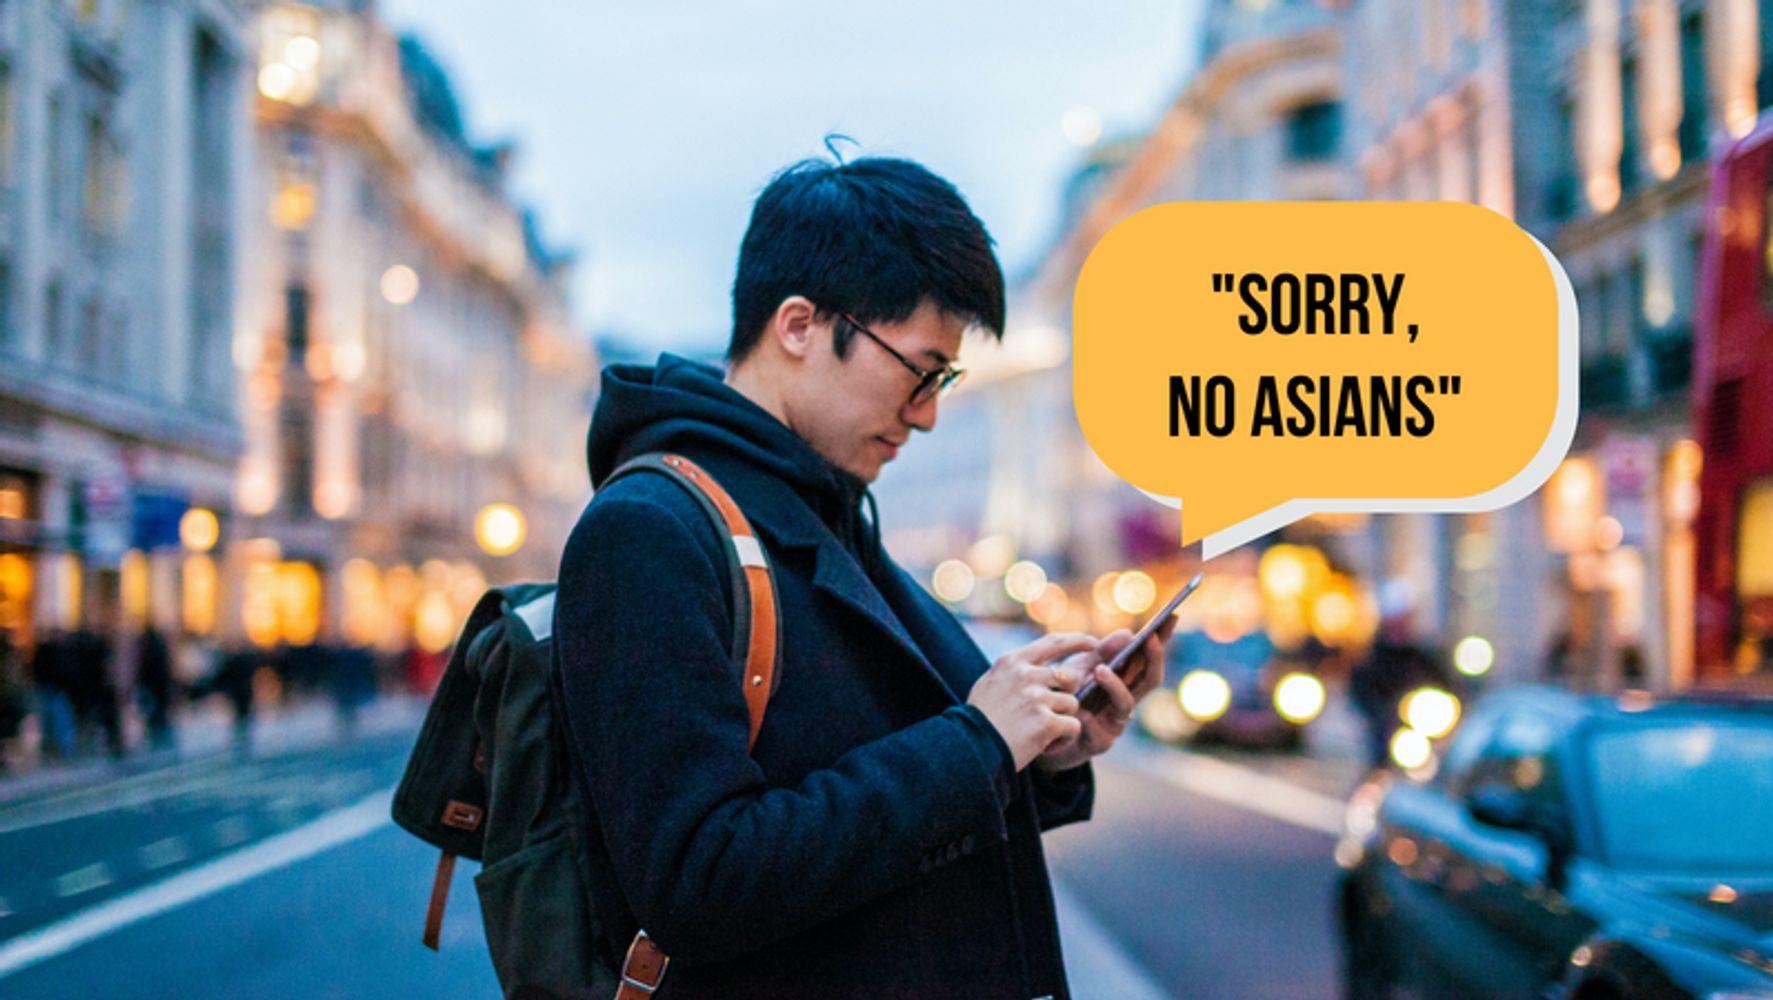 Rencontres femmes asiatiques blonde mature sucks@todorazor.com